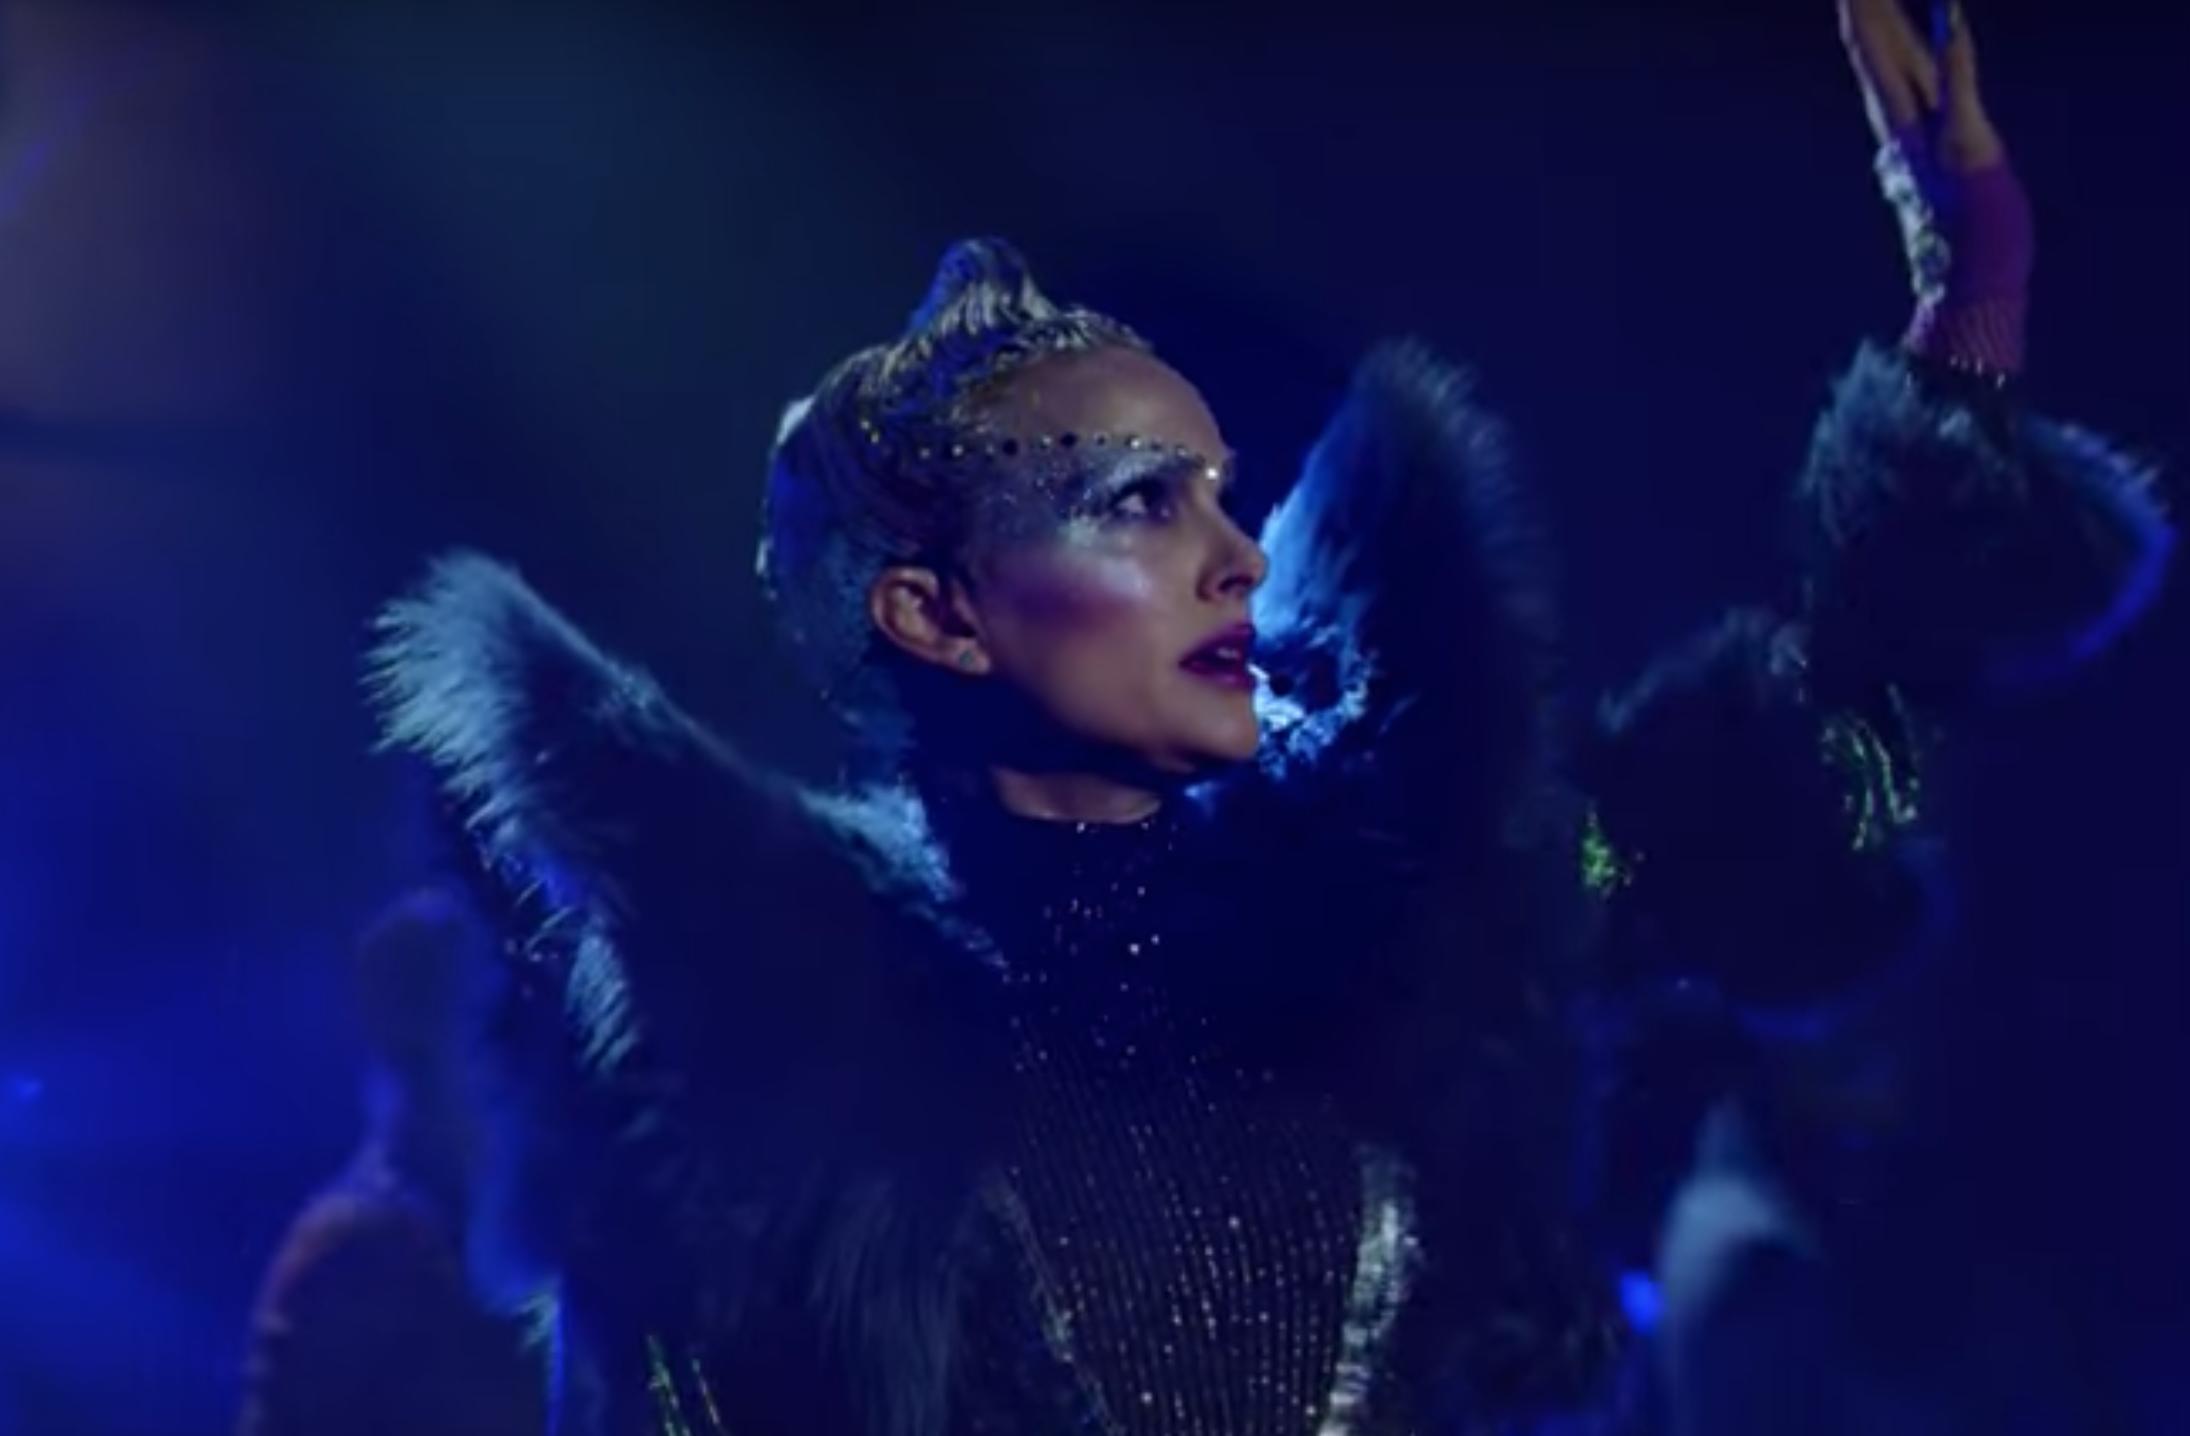 WATCH] Vox Lux Trailer Natalie Portman Belts Out Original Sia 2190x1436